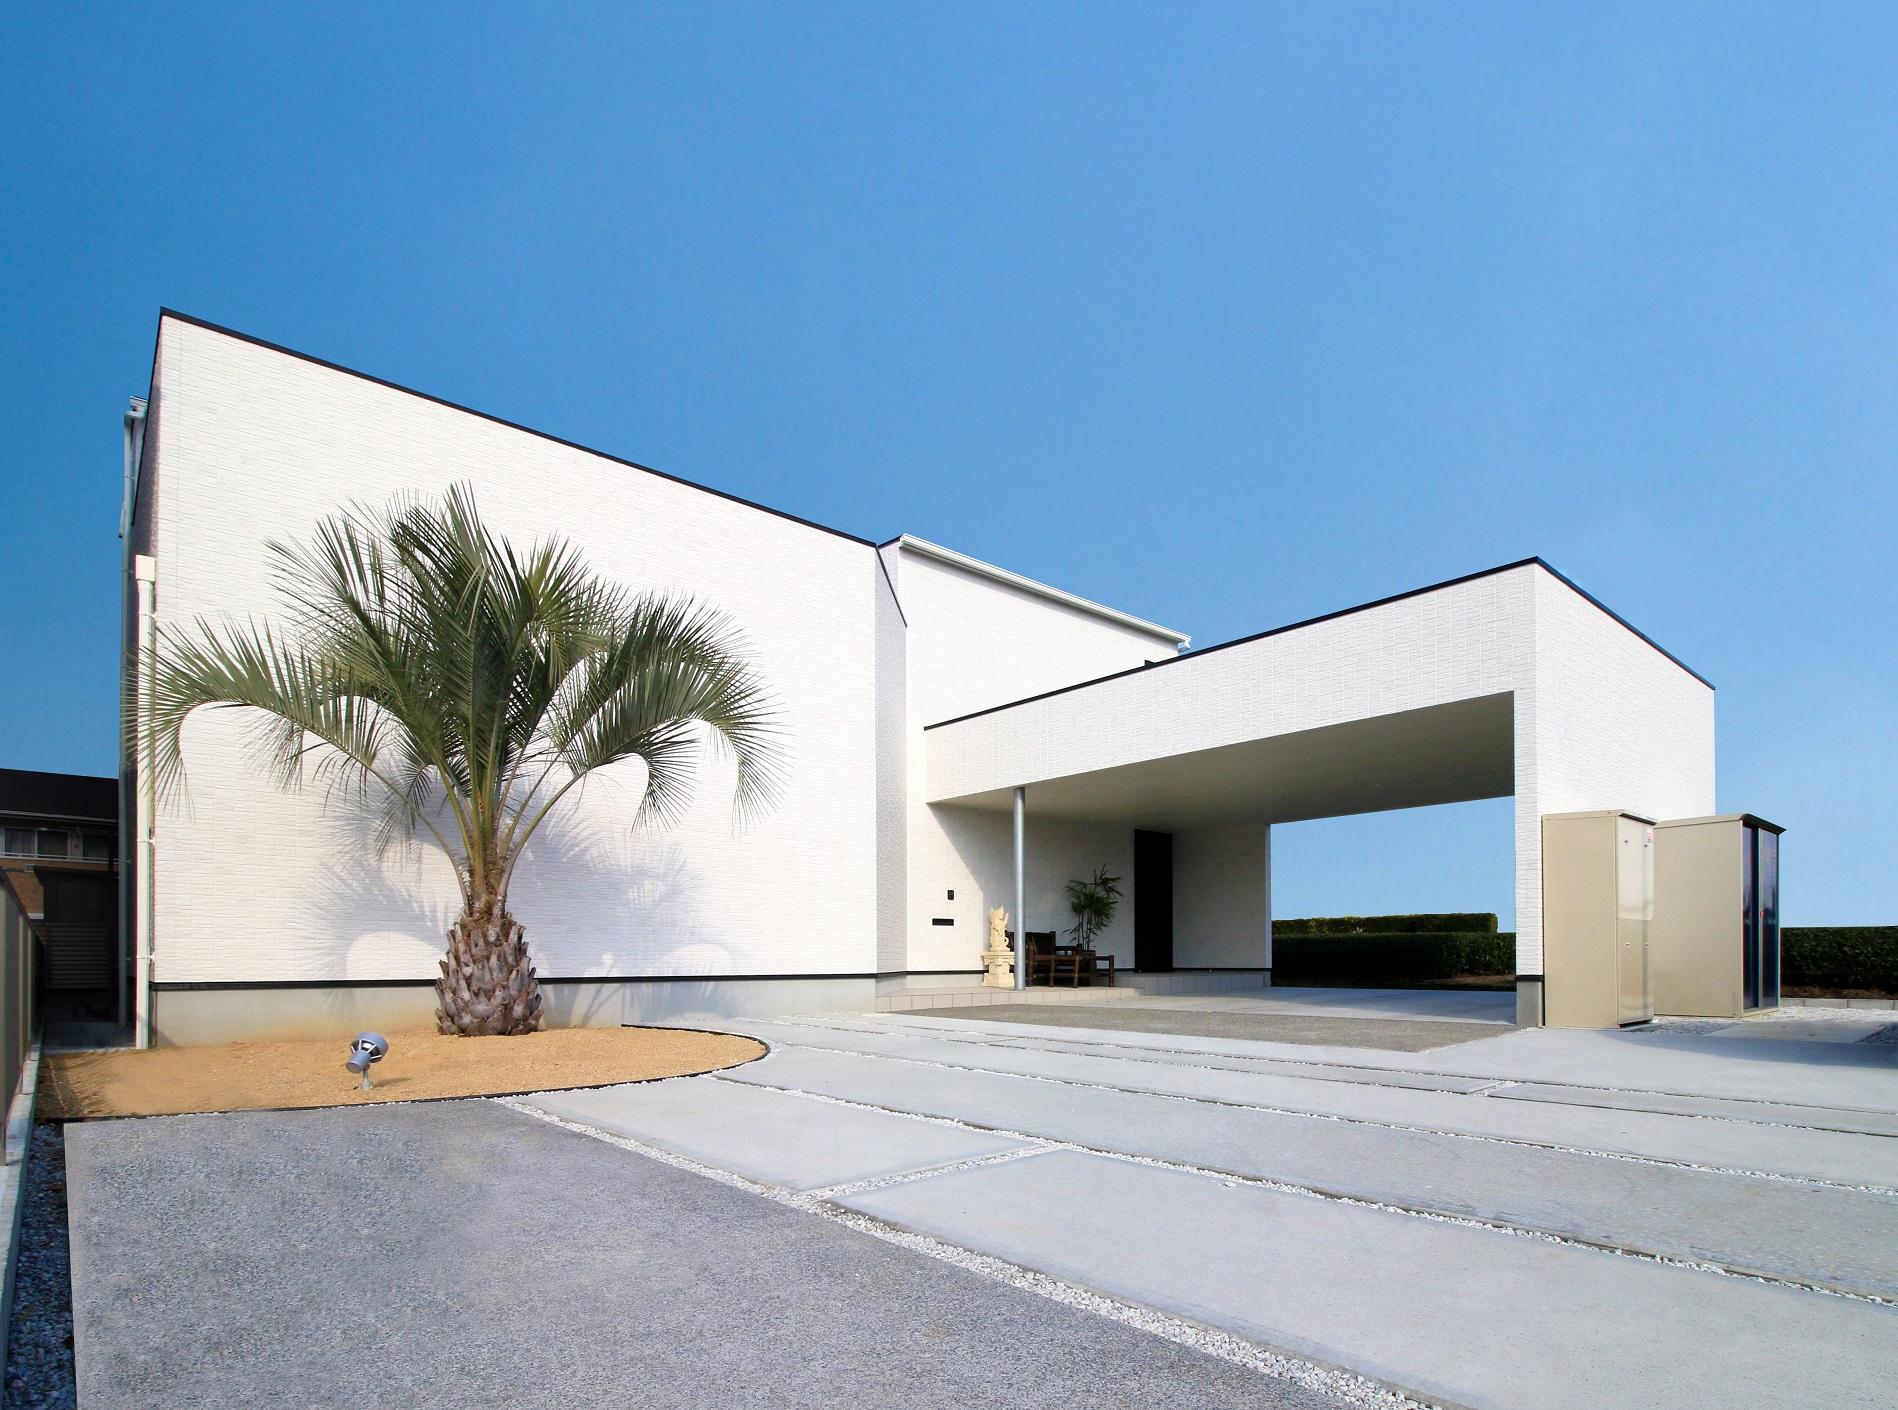 will建築工房【デザイン住宅、ペット、ガレージ】ガレージと一体化したシンプルモダンな外観。白い外壁に写る植栽の陰影がオリエンタルな雰囲気を醸し出す